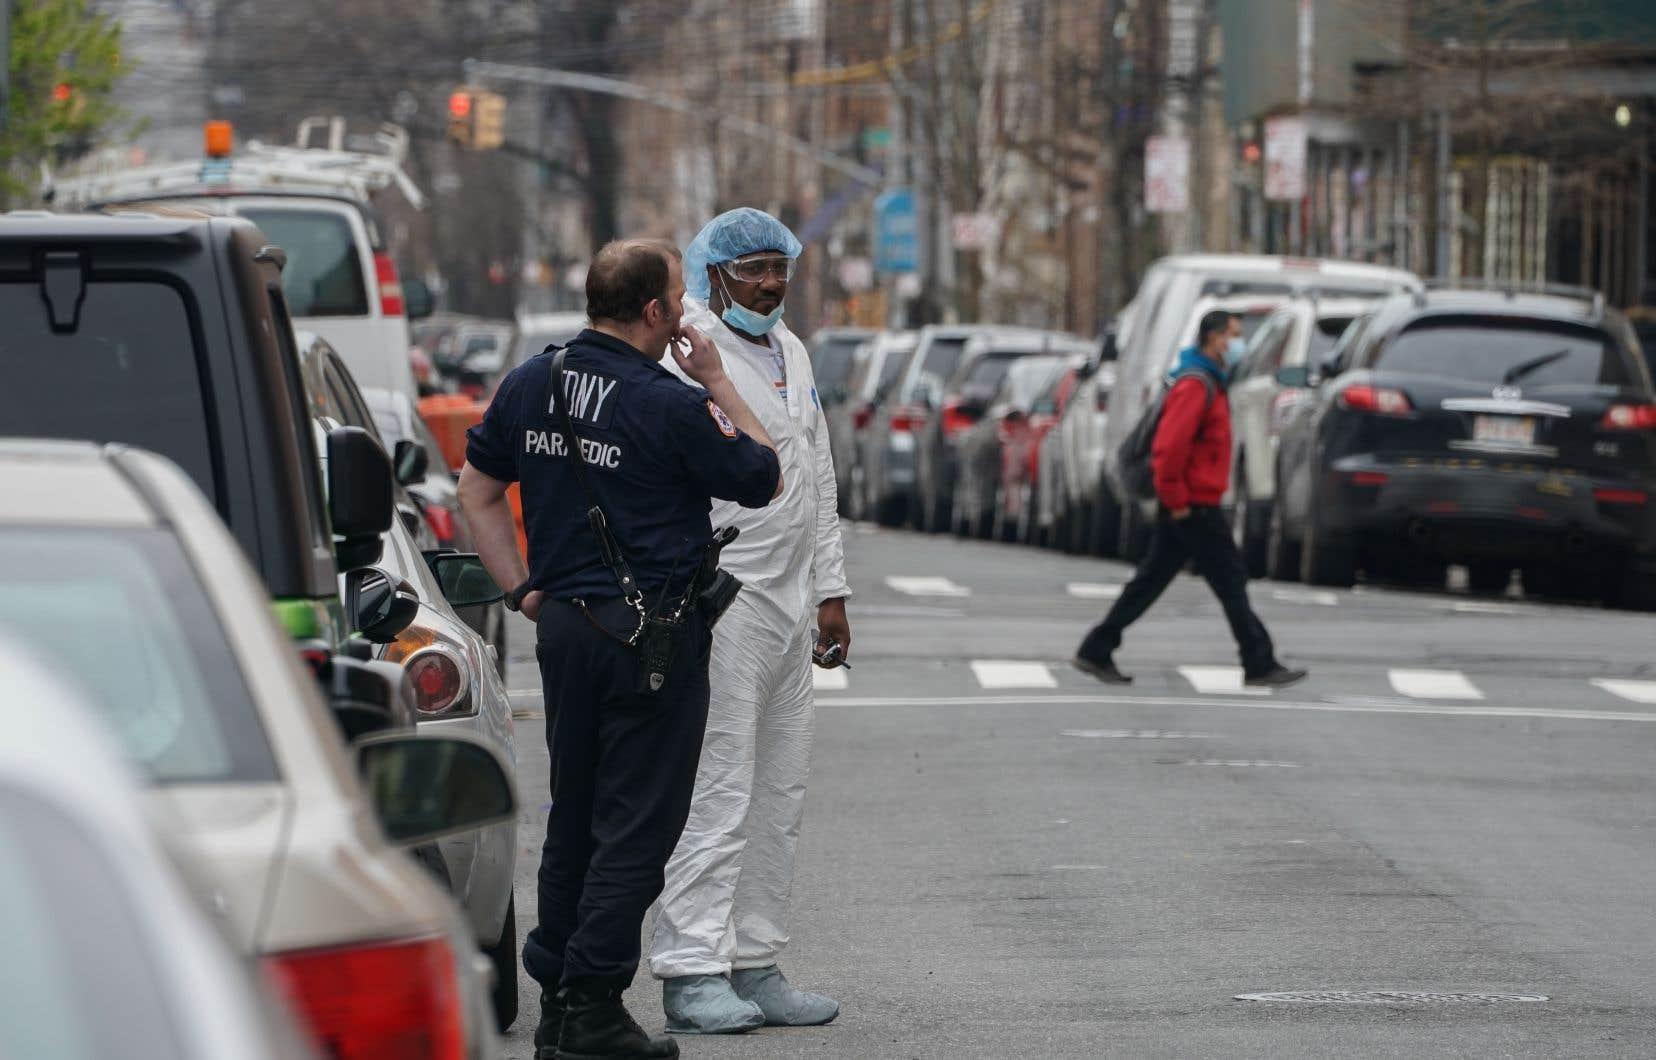 Le système de santé de l'État de New York est «sous tension», faute «d'équipements et de professionnels» en nombre suffisant, a-t-il martelé.